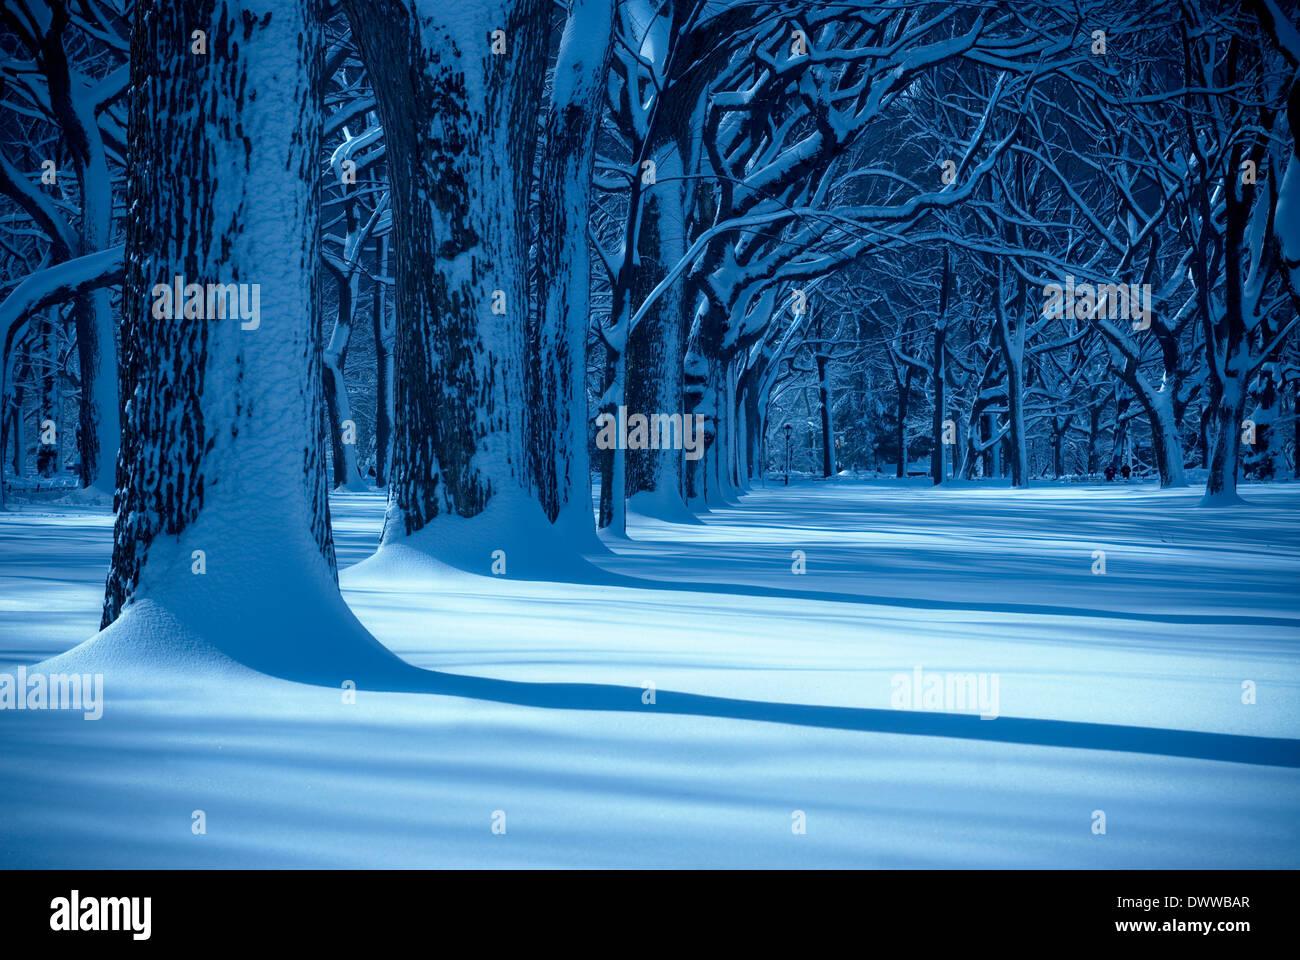 Geheimnisvolle Landschaft mit Sonnenstrahl auf einem schneebedeckten Feld mit Bäume und Schatten. Stockbild